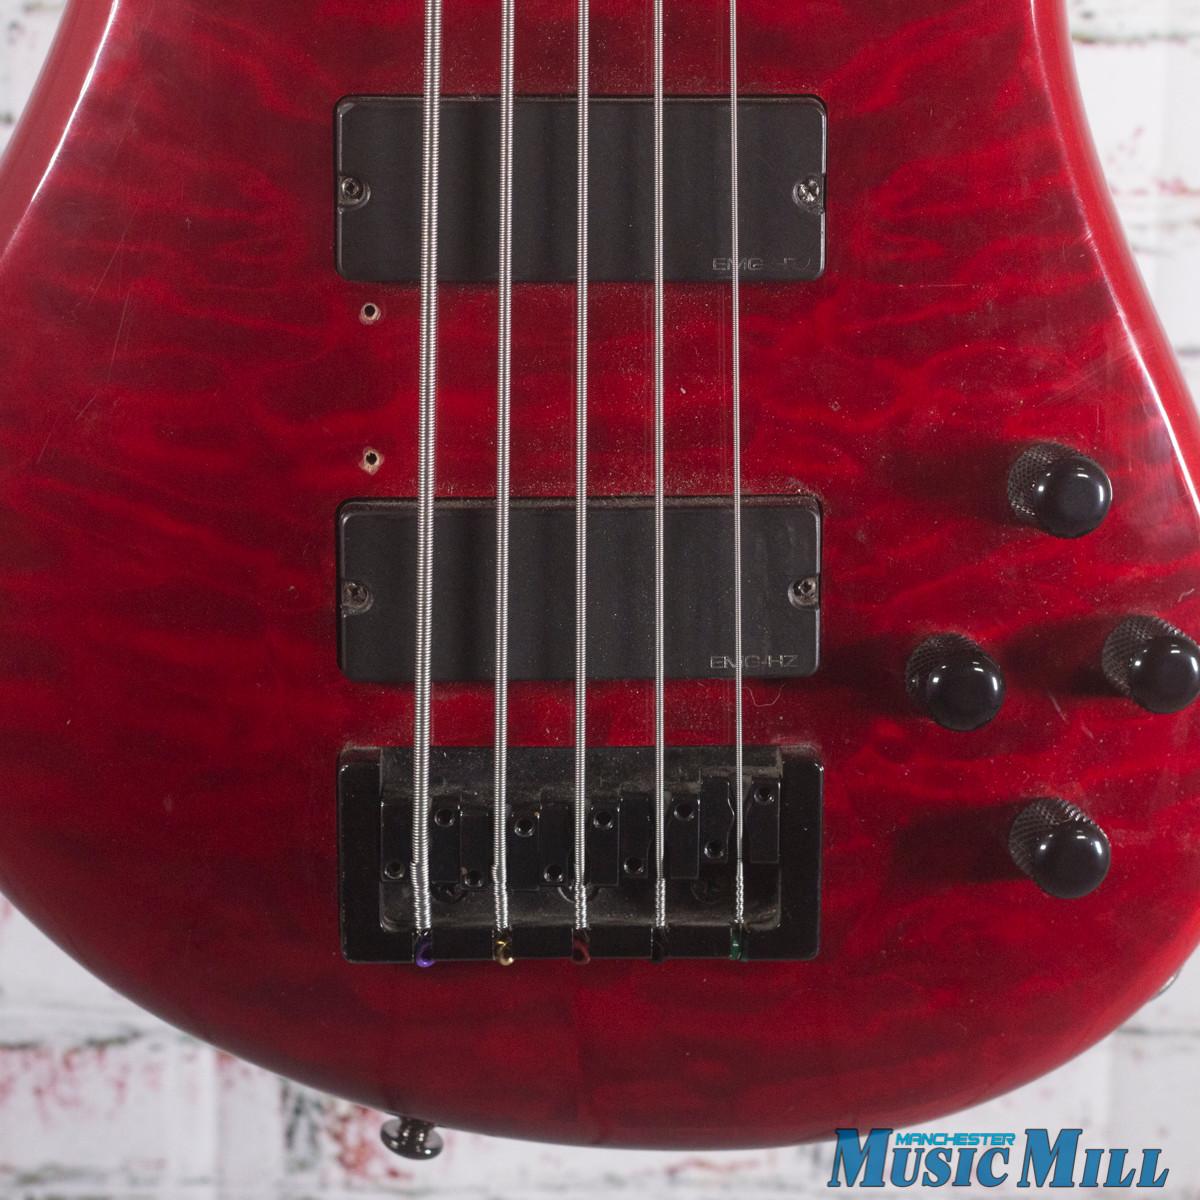 Spector NS-2000/5 5 String Bass Guitar Red Quilt